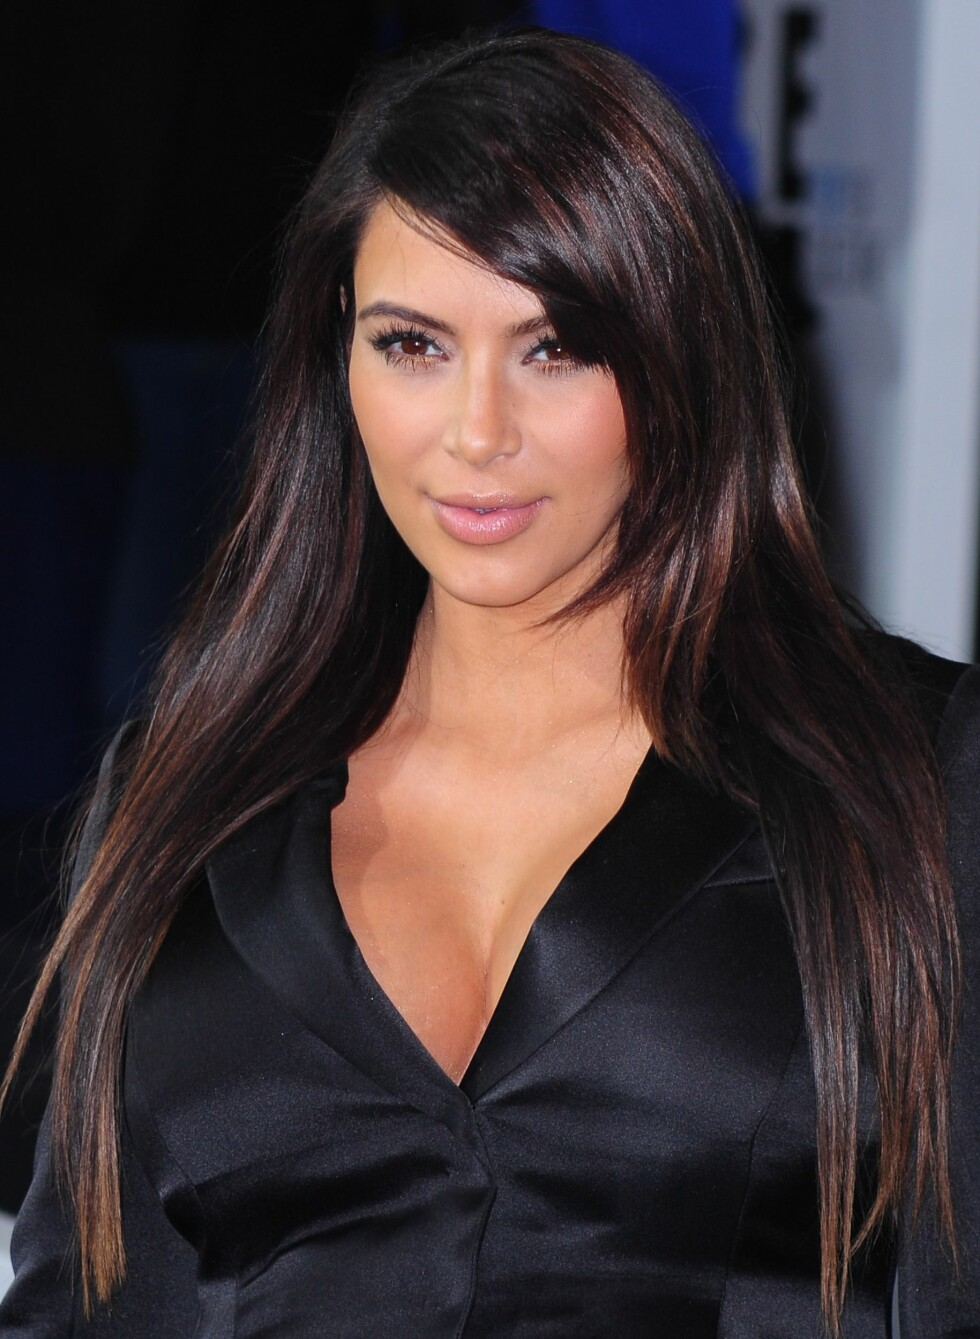 Kim Kardashian begynte med å lysne håret litt helt ytterst, og allerede det myket opp looken og ga håret et mer levende uttrykk. Foto: Gregorio T. Binuya/Everett Collection/All Over Press